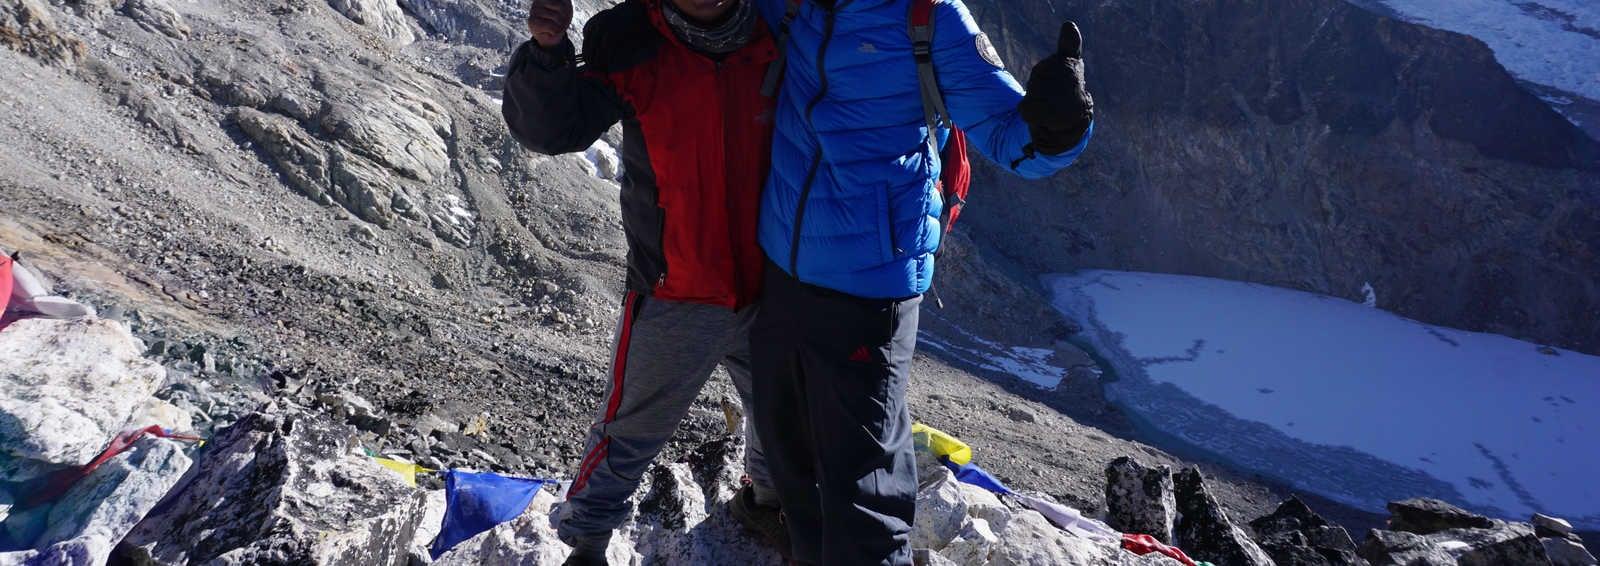 Trekker and Guide, Himalaya